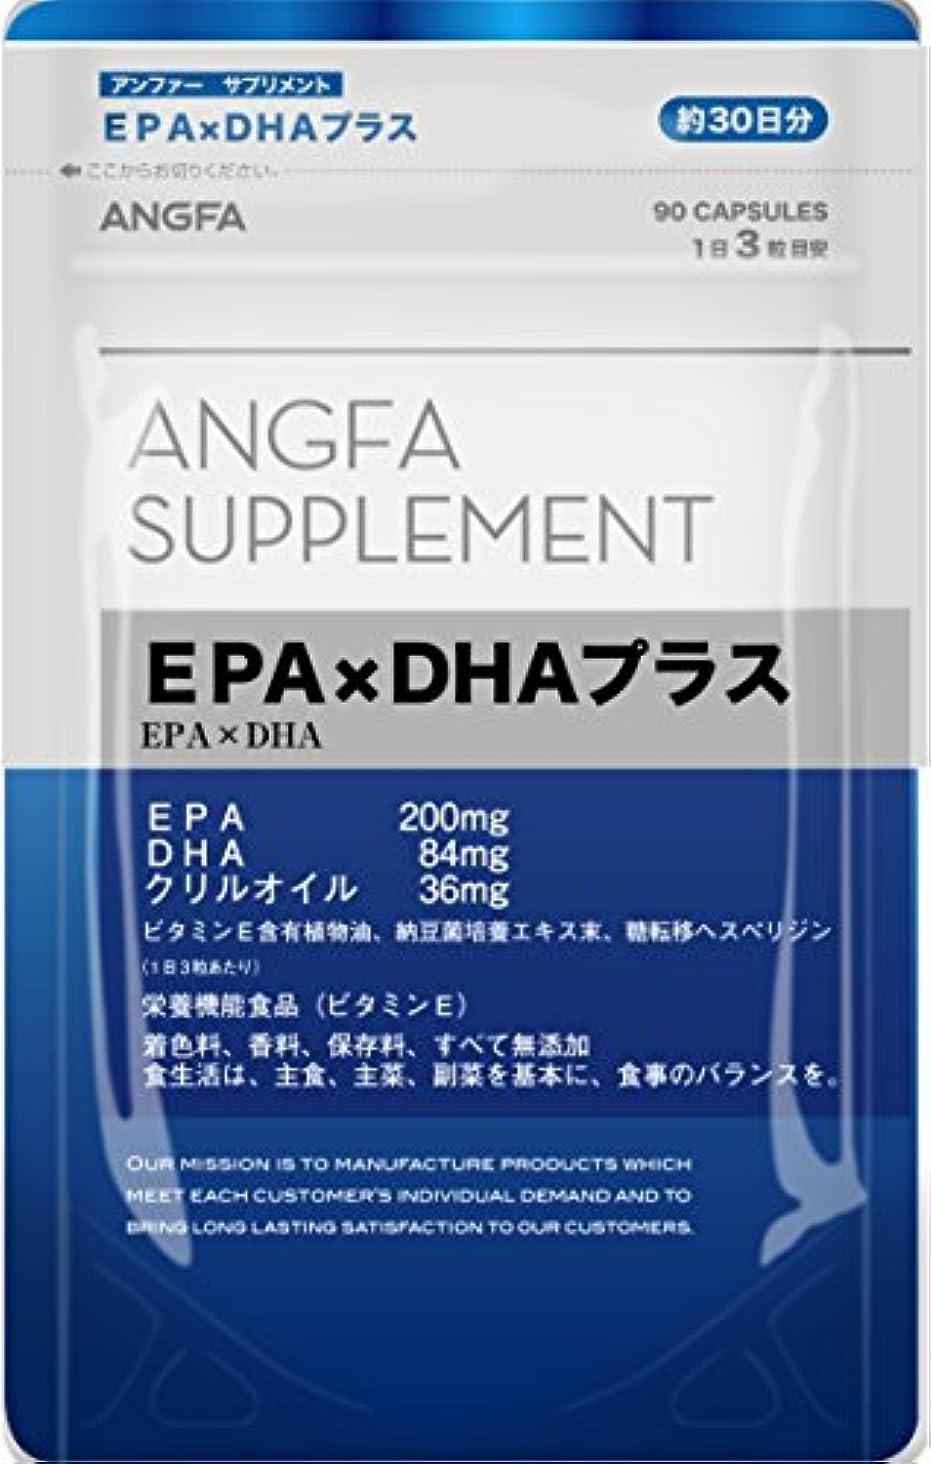 ポルトガル語絡み合いがんばり続けるアンファー (ANGFA) サプリメント EPA × DHA プラス 90粒